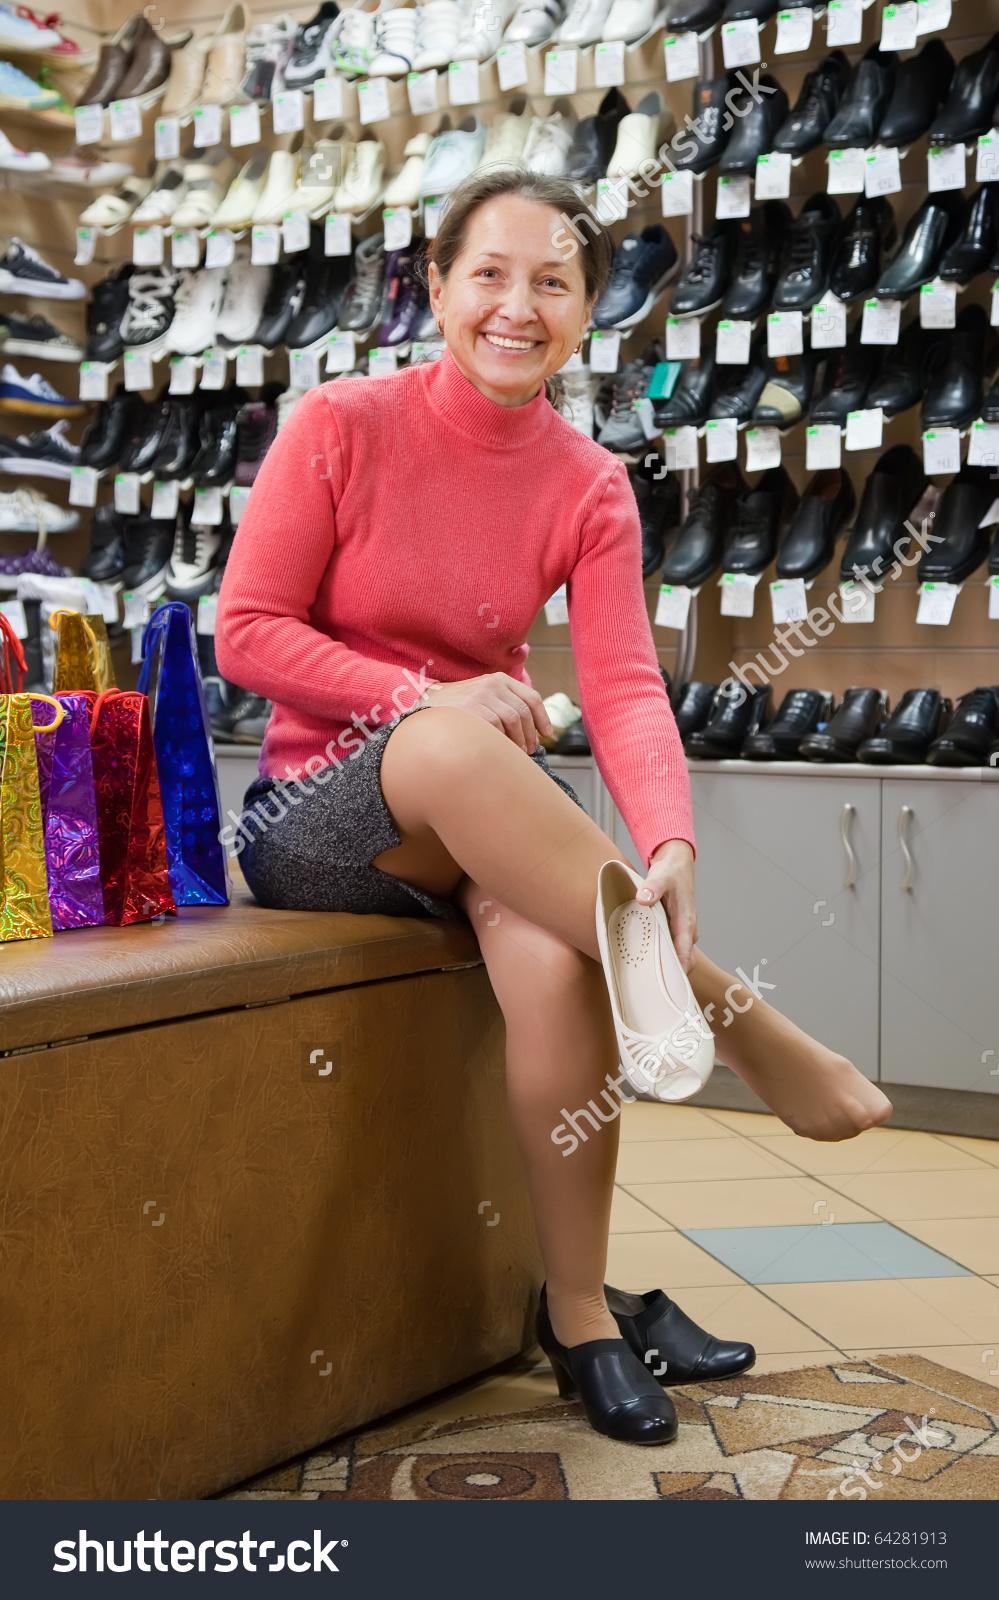 трусики при примерки обуви